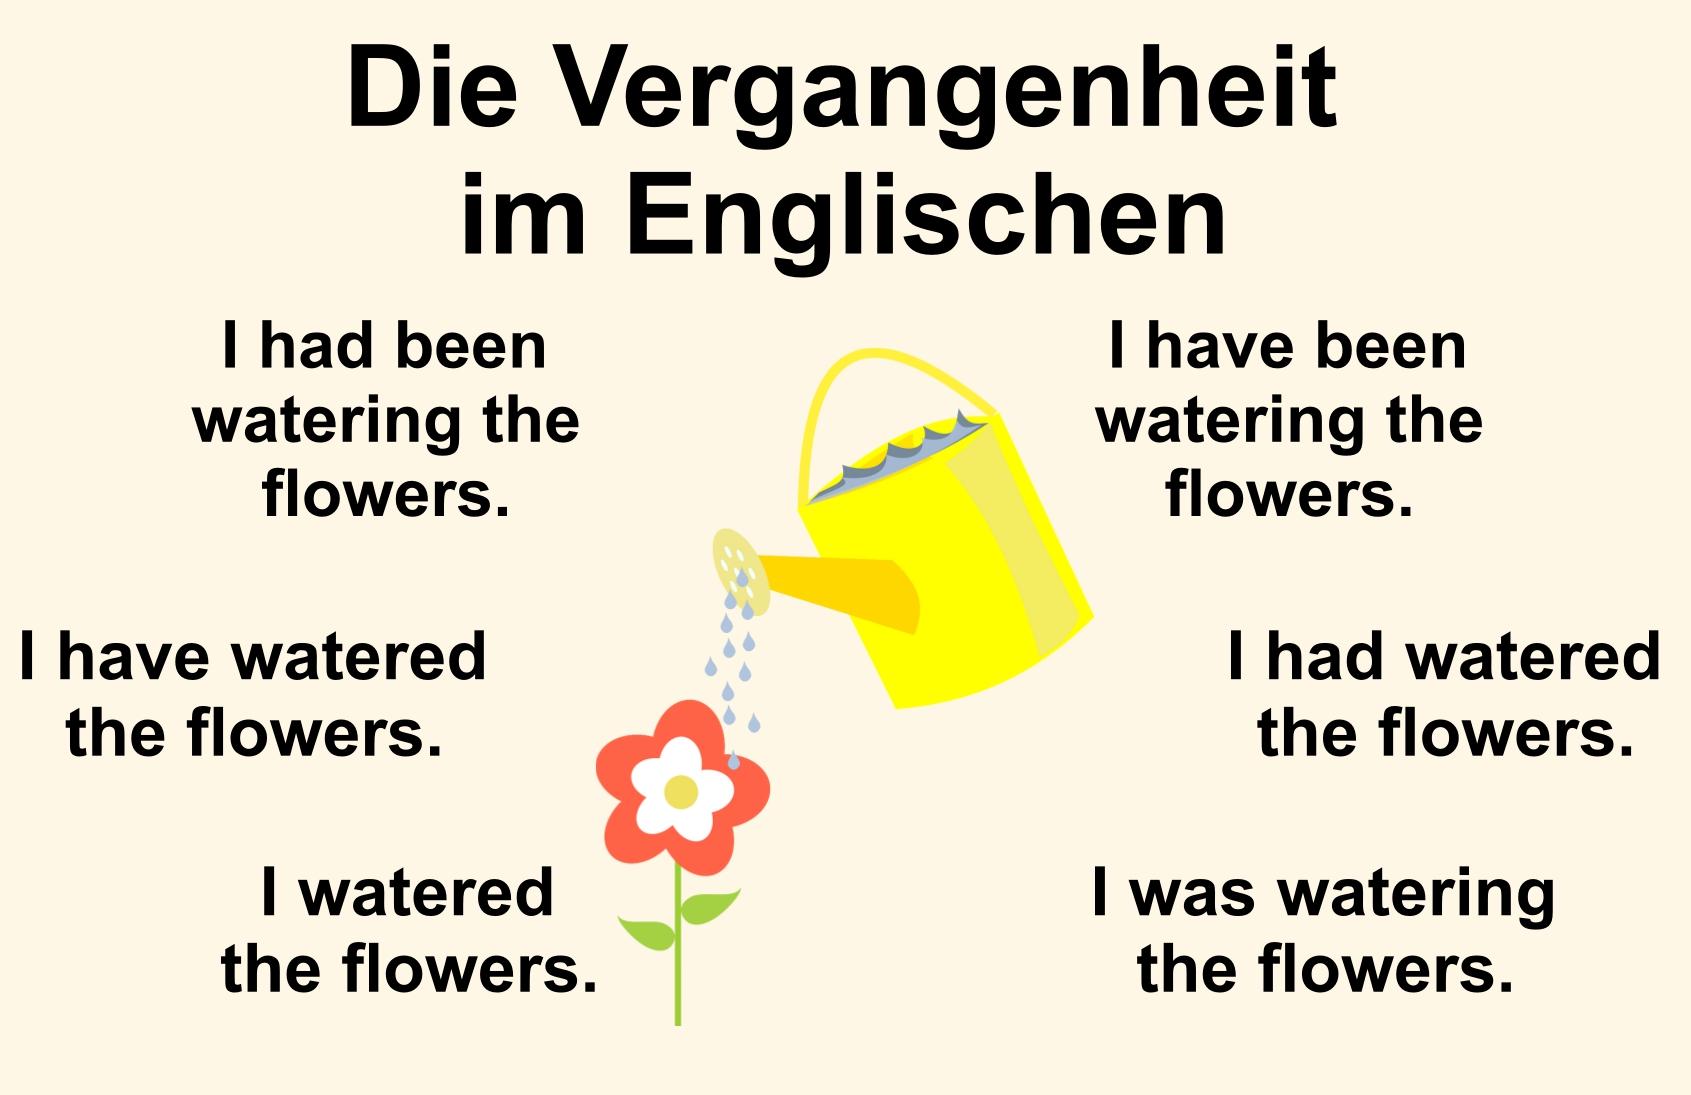 Vergangenheitsformen im Englischen